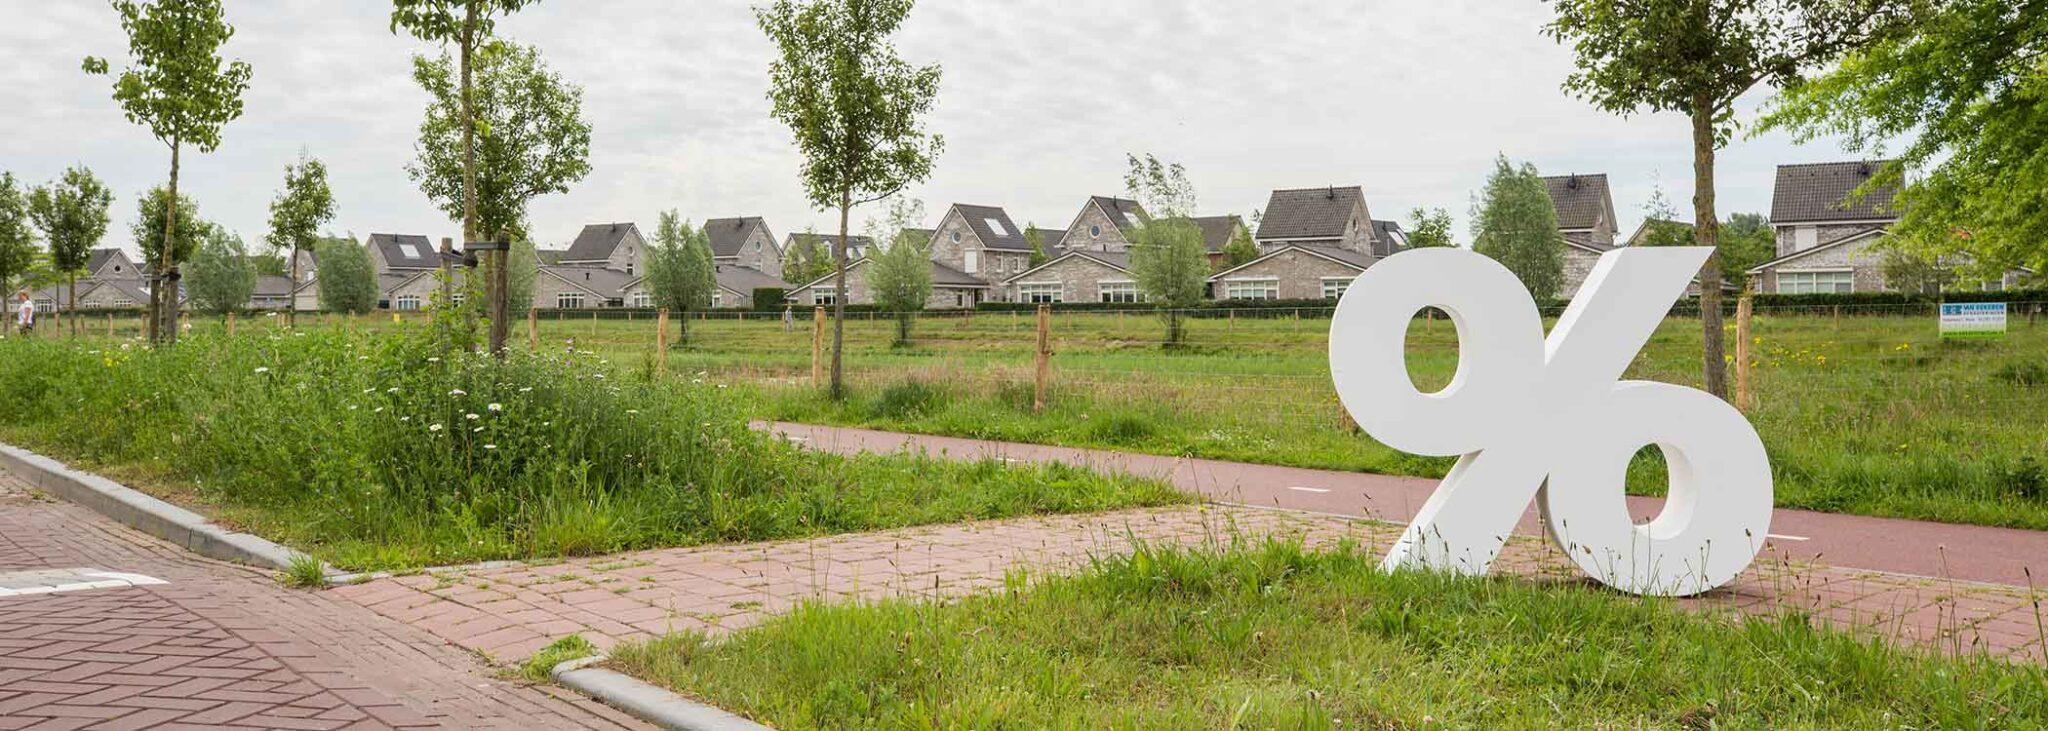 Hypotheek verlengen of oversluiten, wat is slimmer?